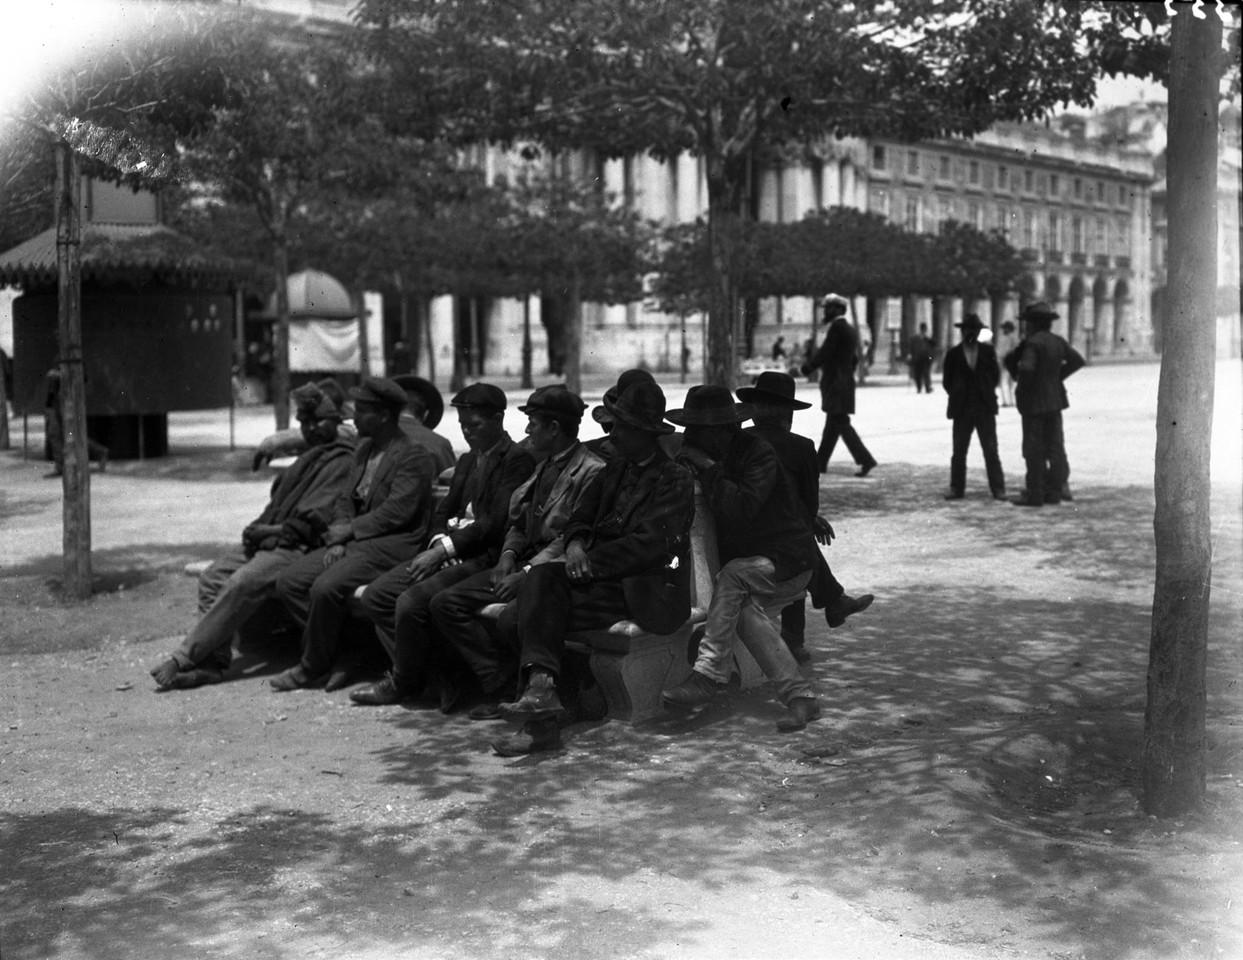 Praça do Comércio, 1907, foto de Joshua Benoliel